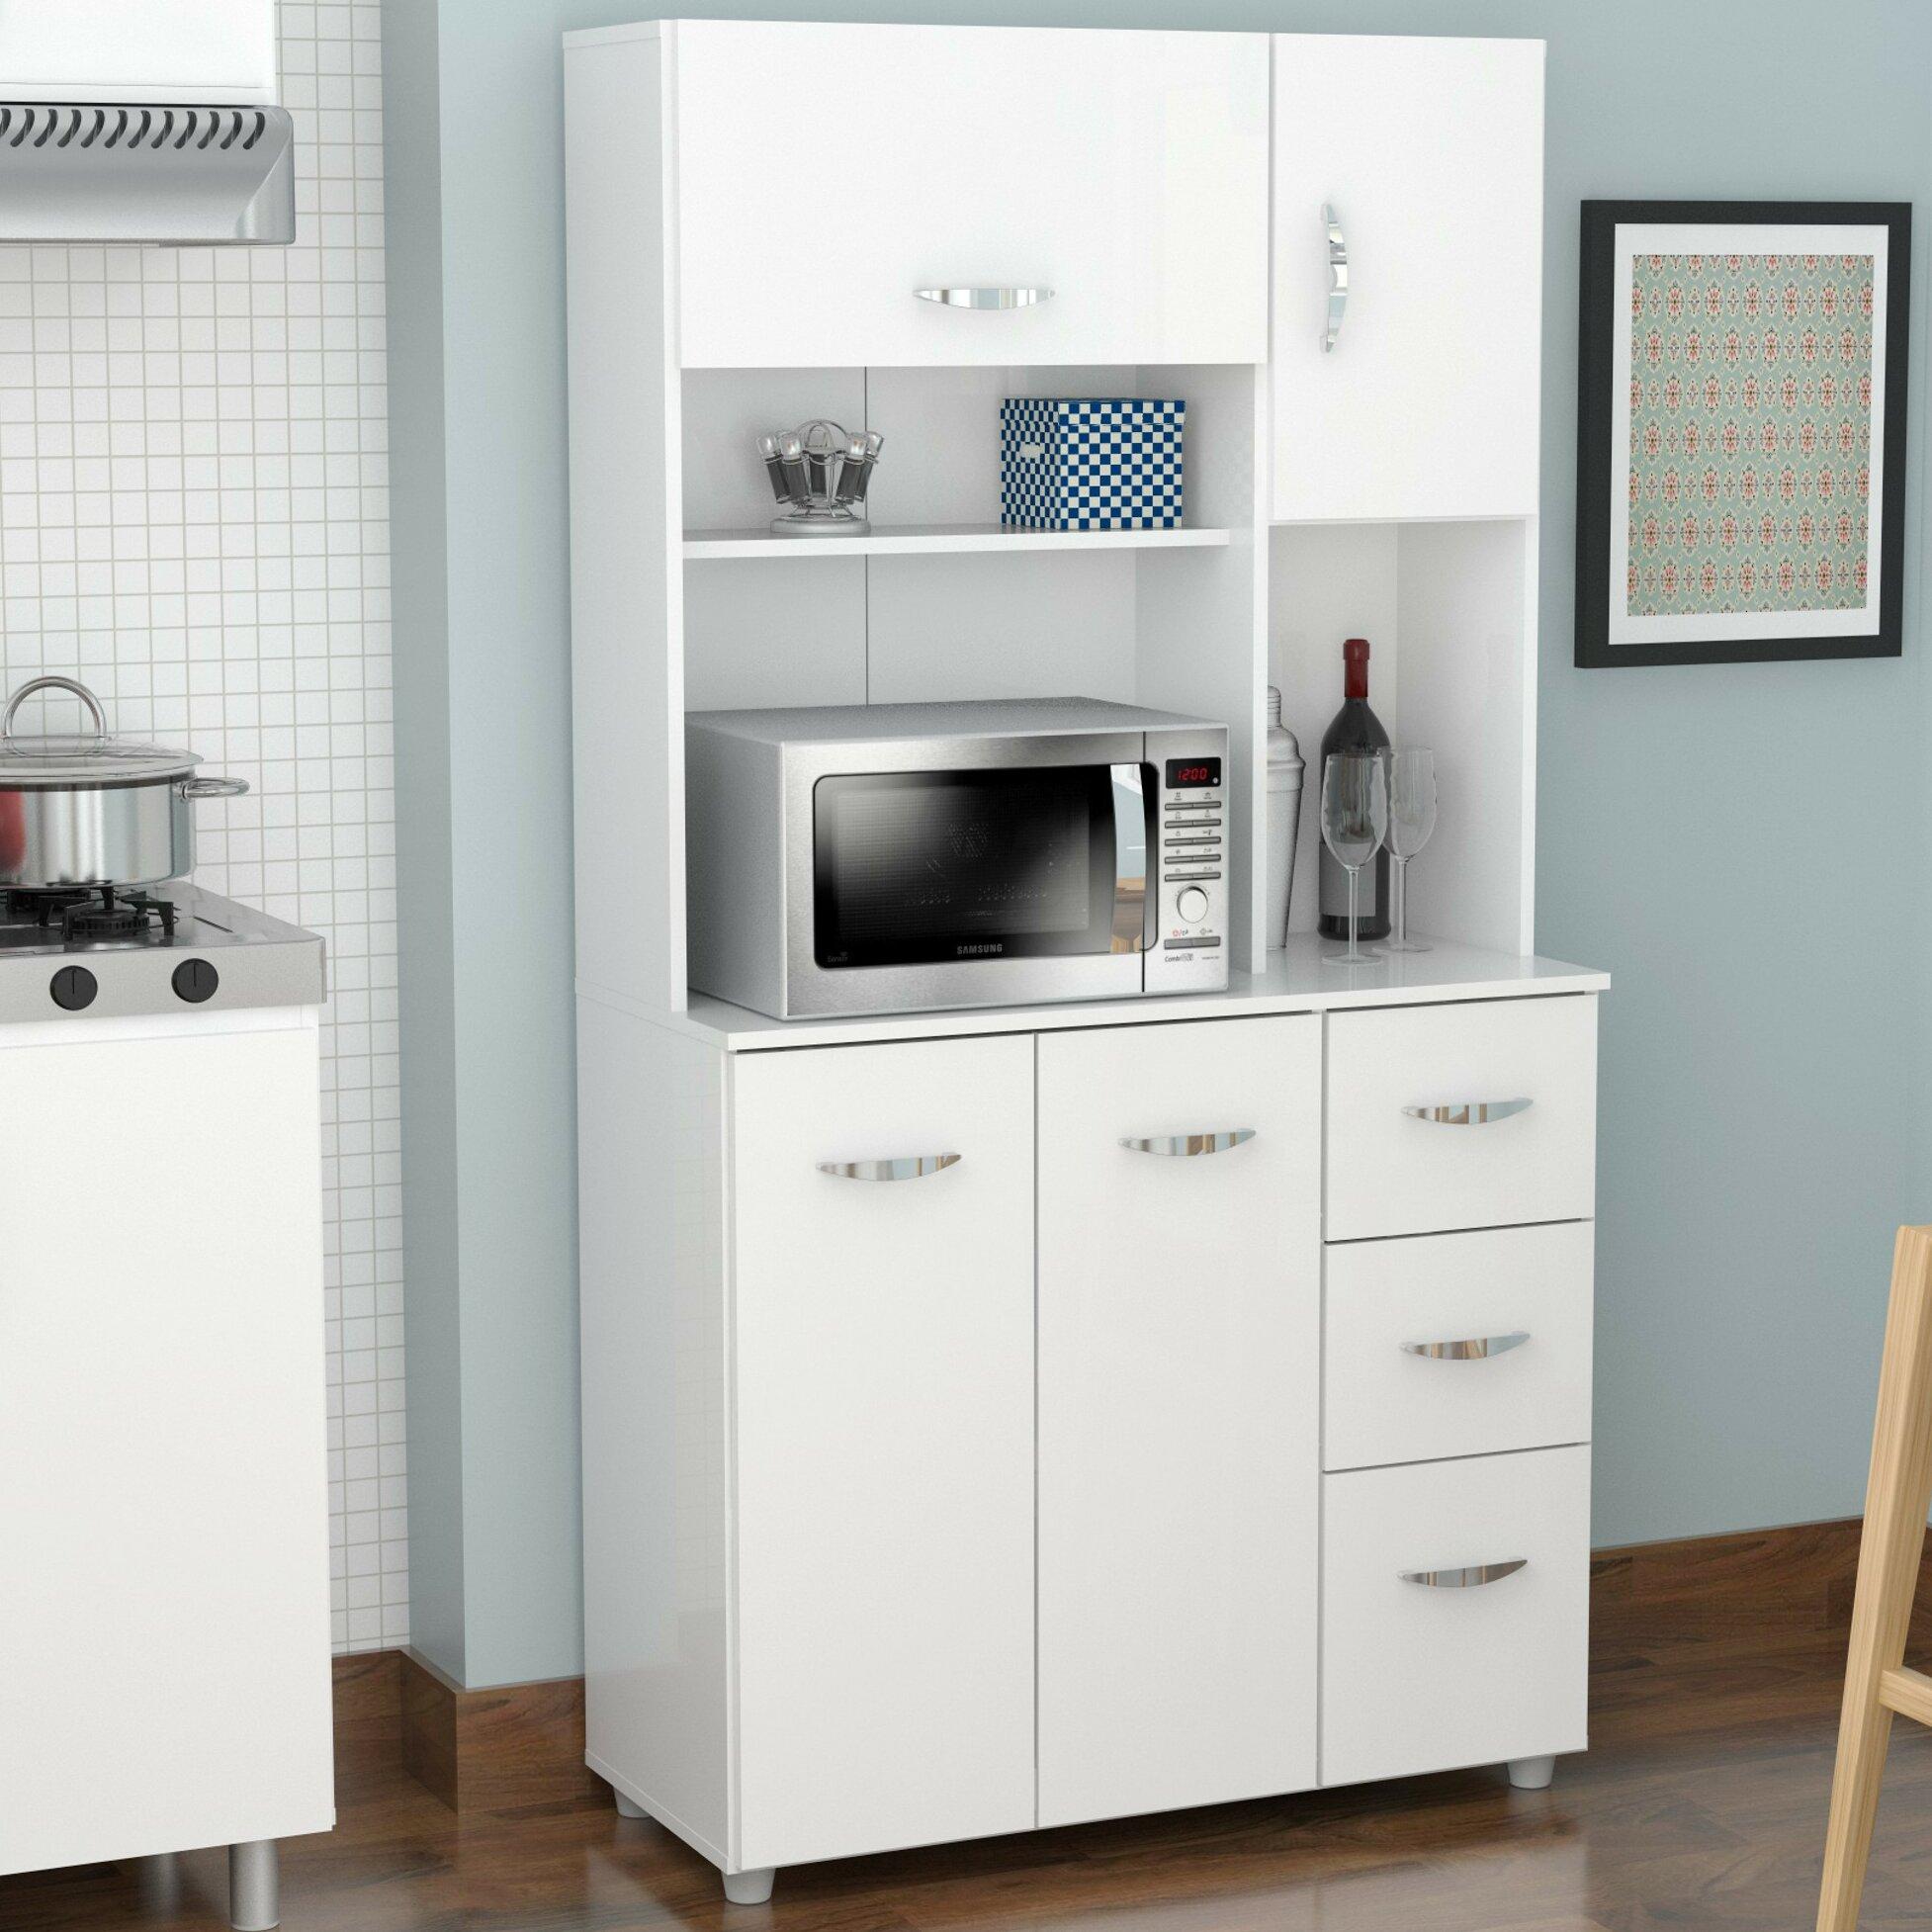 Kitchen Pantry Inval Kitchen Pantry Reviews Wayfair